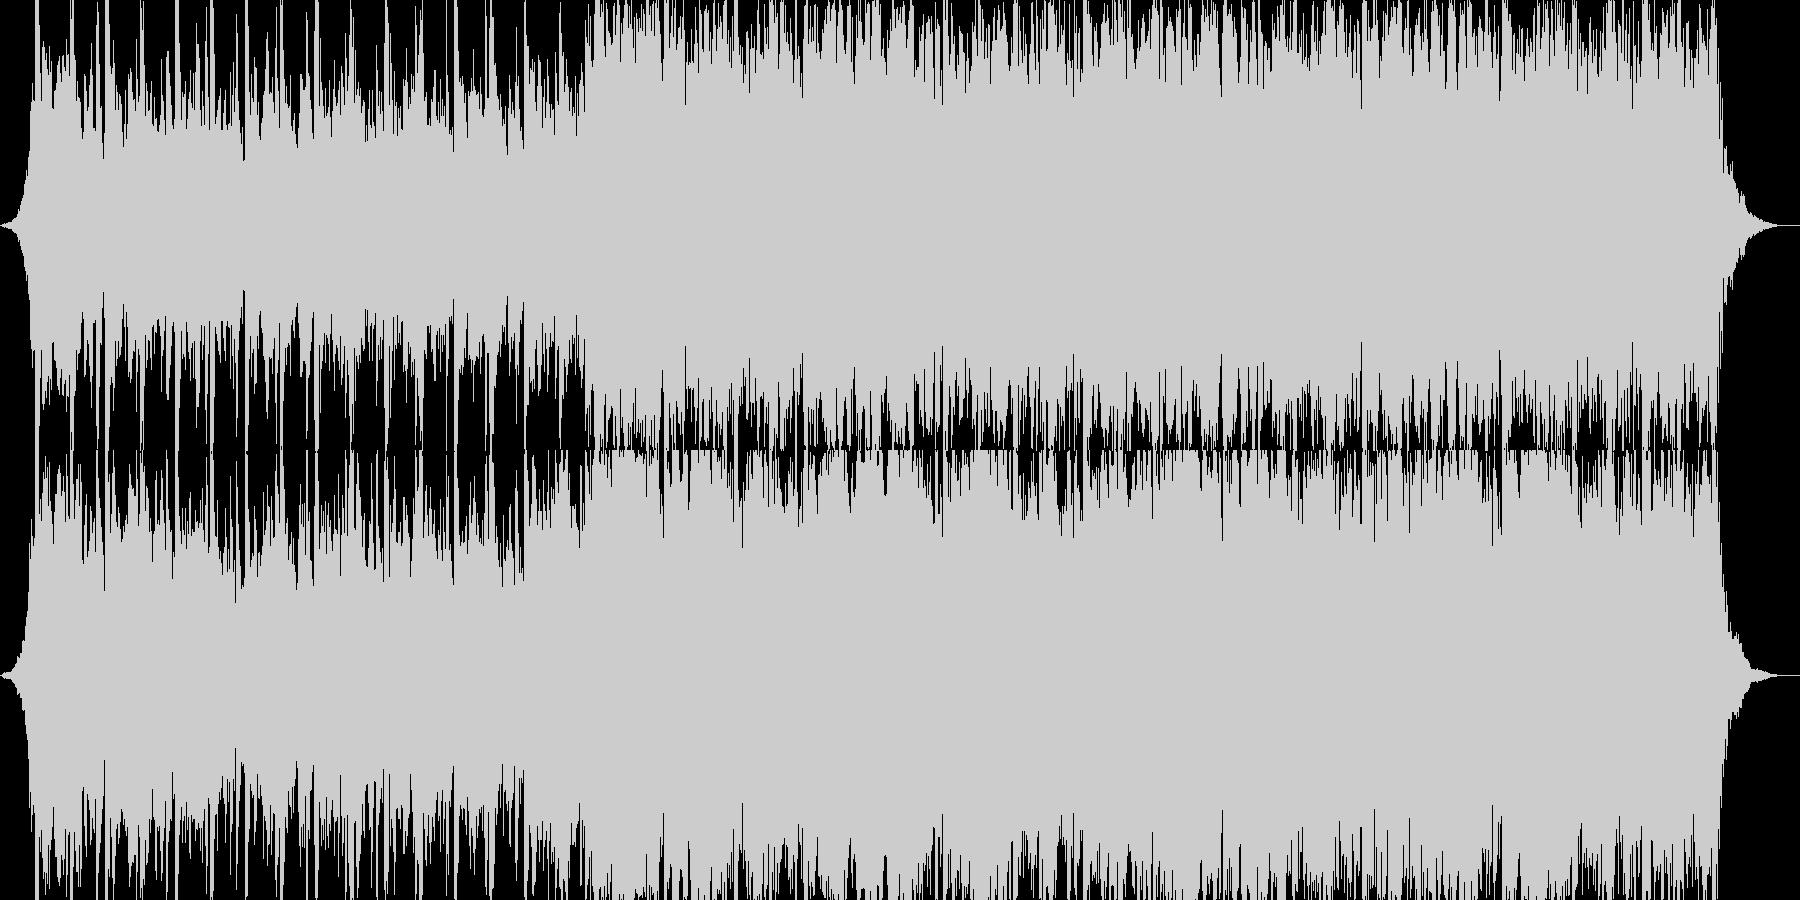 切ない旋律が特徴的なオーケストラバトル曲の未再生の波形